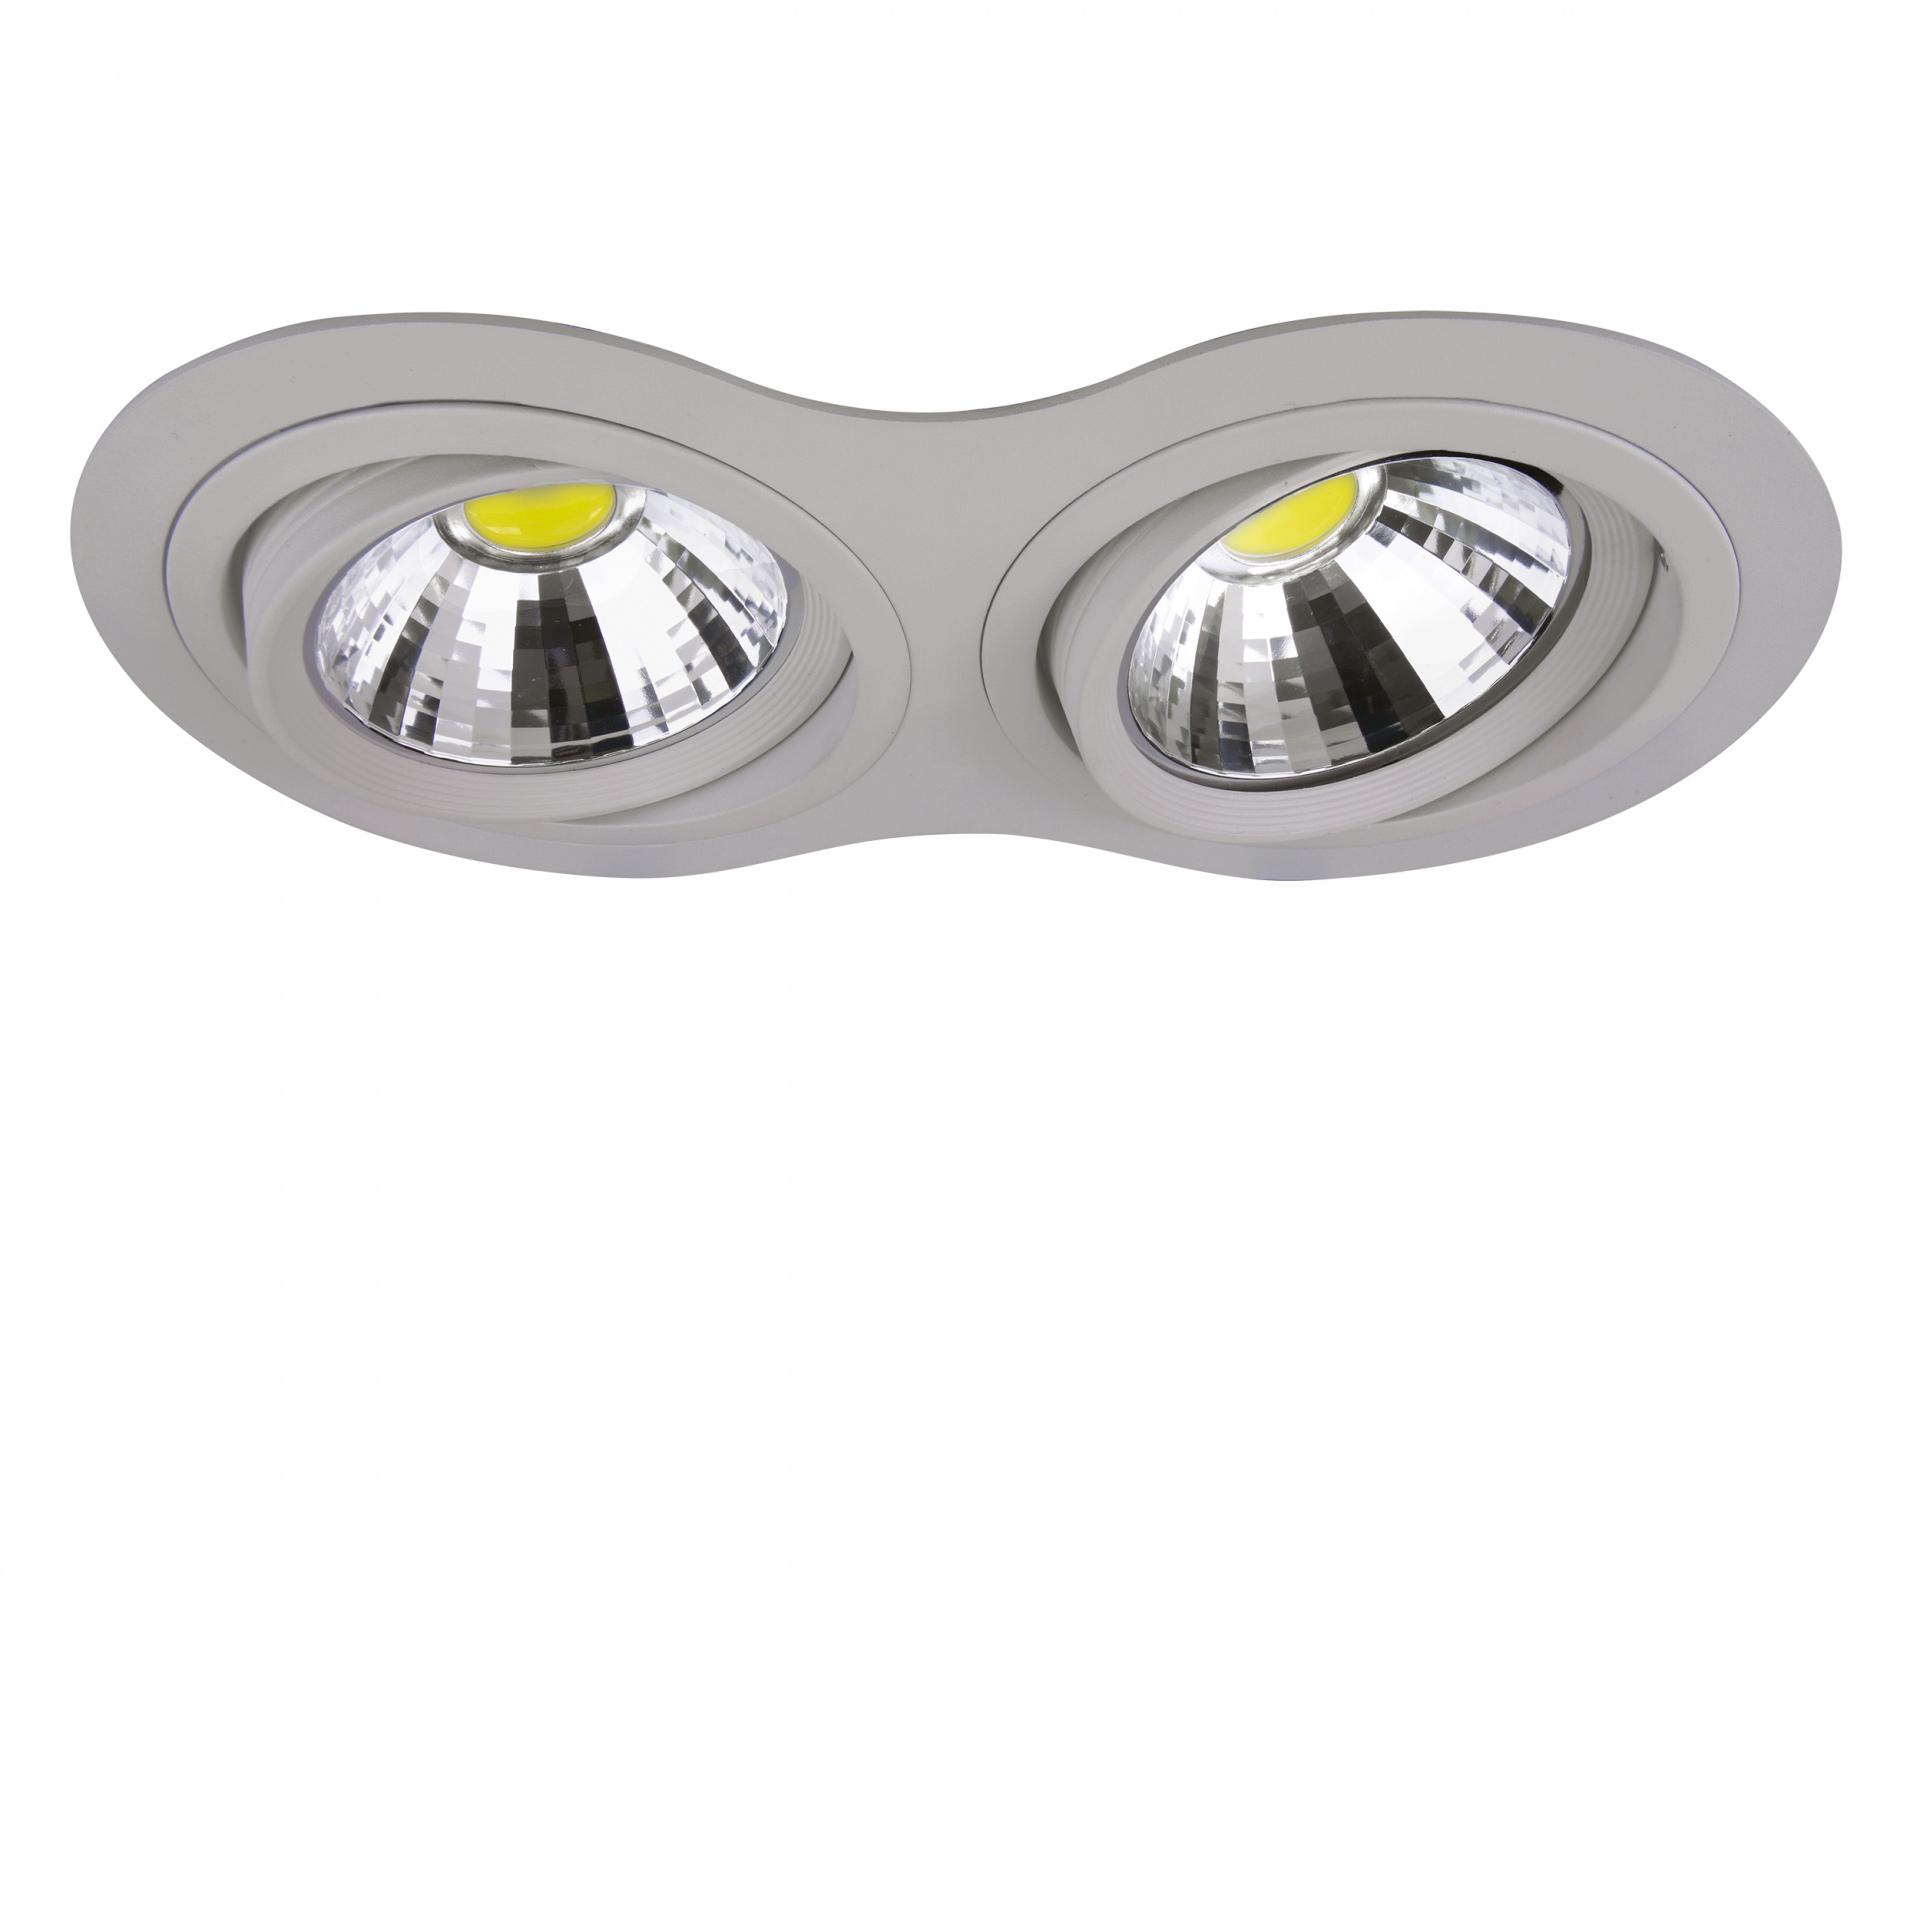 Светильник Intero 111 AR111 серый Lightstar 214329, купить в СПб, Москве, с доставкой, Санкт-Петербург, интернет-магазин люстр и светильников Starlight, фото в жизни